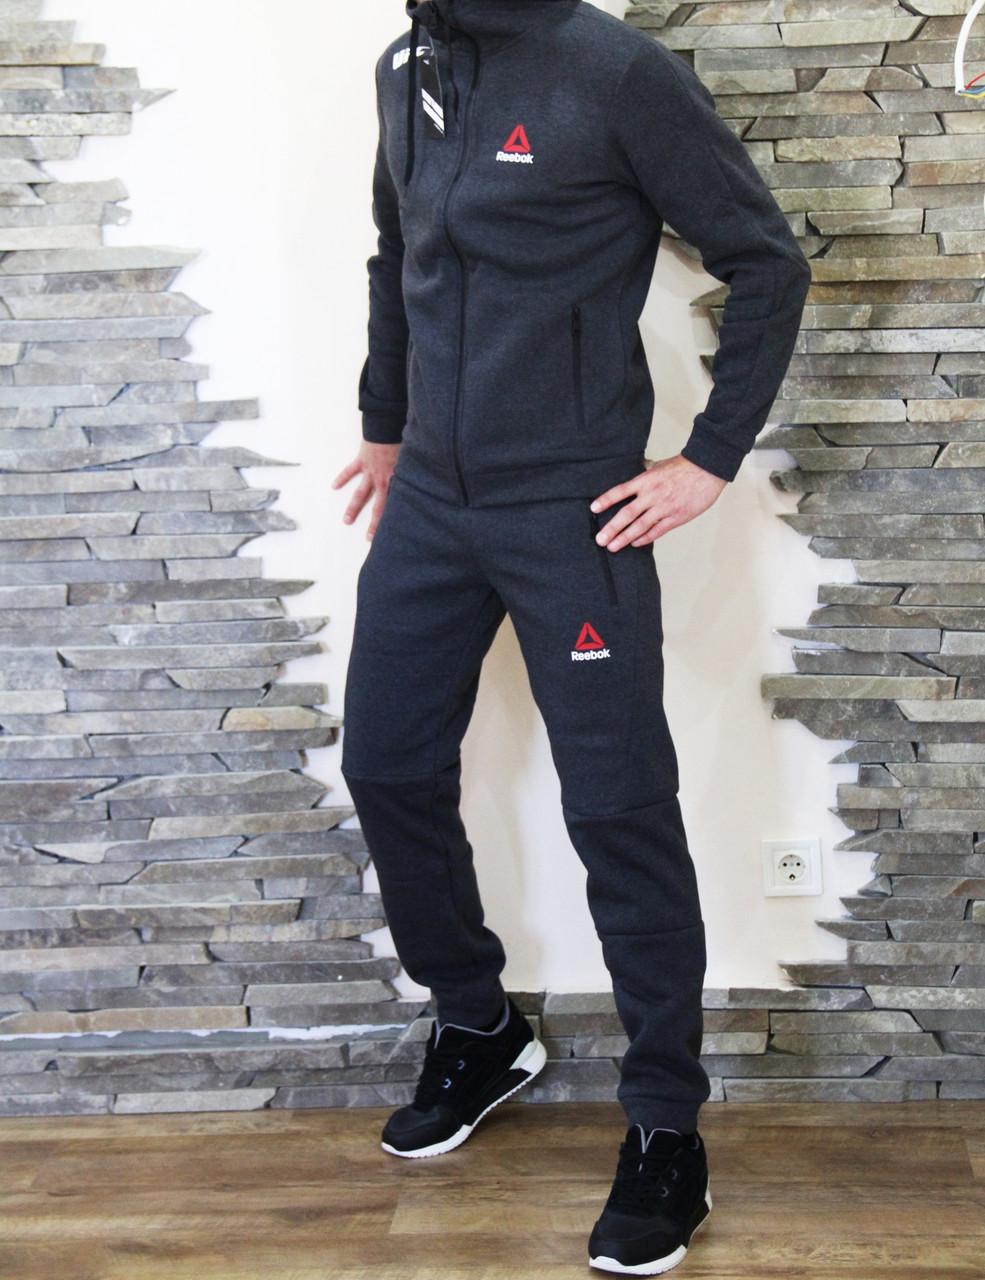 d5c7c557 Спортивный костюм мужской серый зимний Reebok UFC - Магазин zakazal.com.ua  в Харькове